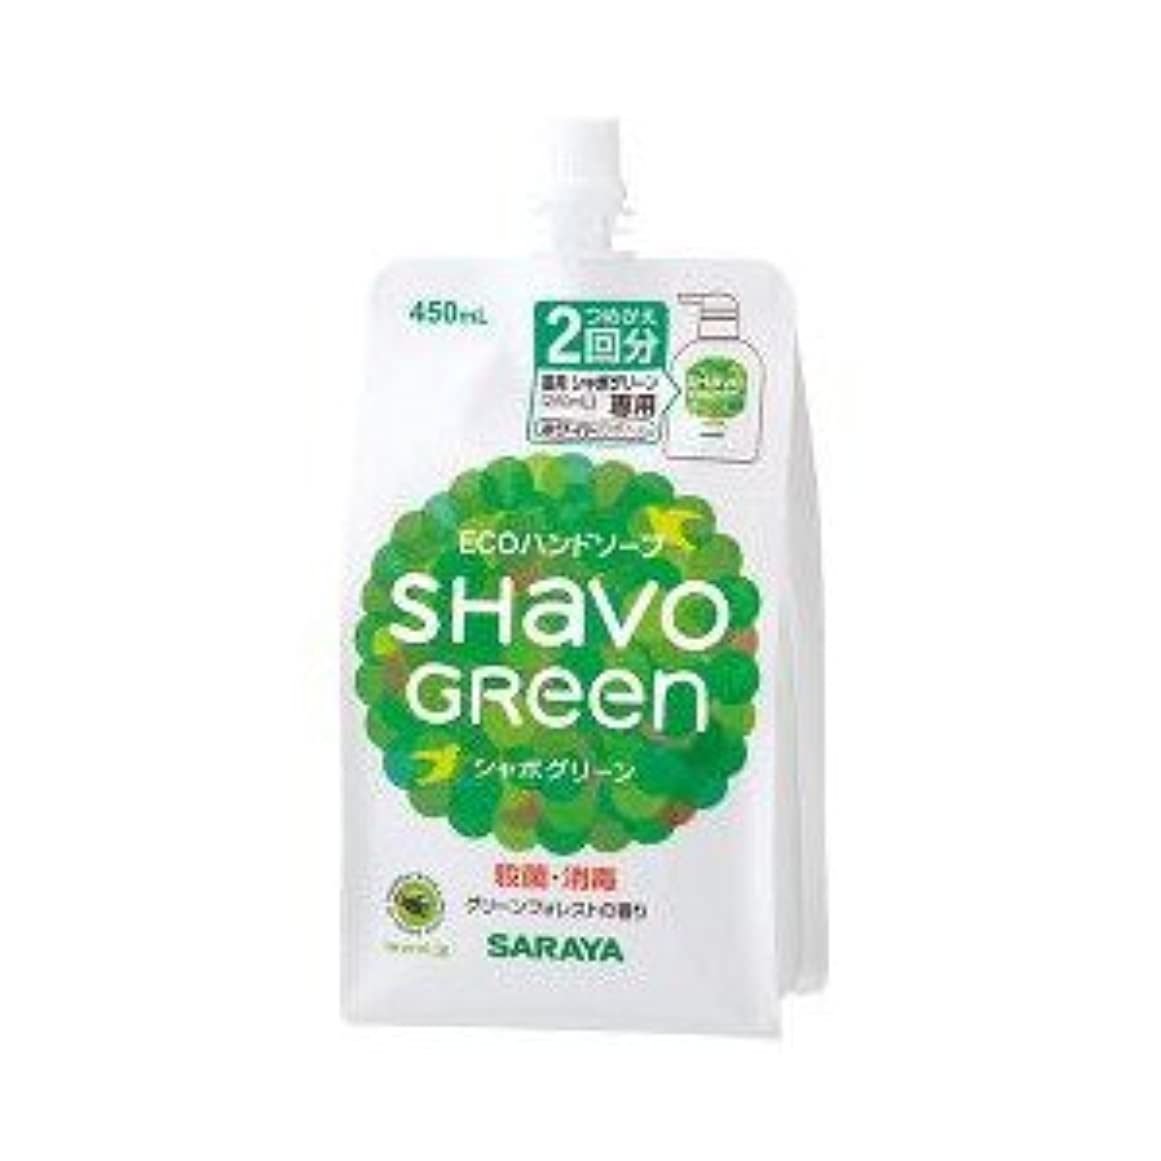 価格処理ウールシャボグリーンソープ 詰替用 × 3個セット